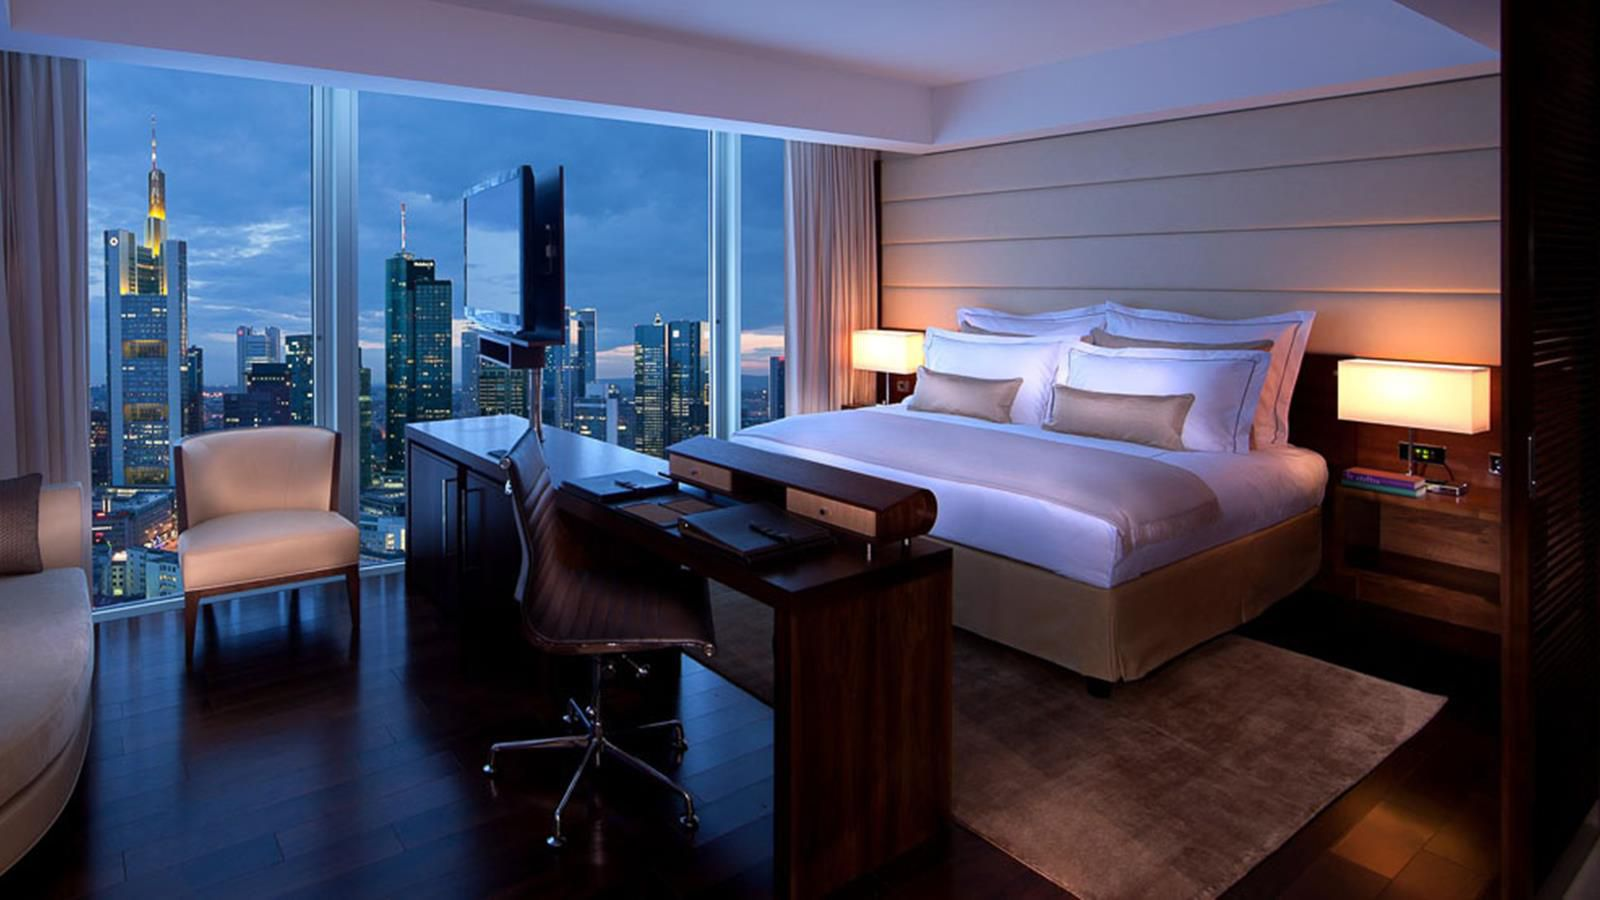 A guest room at the Jumeirah Frankfurt